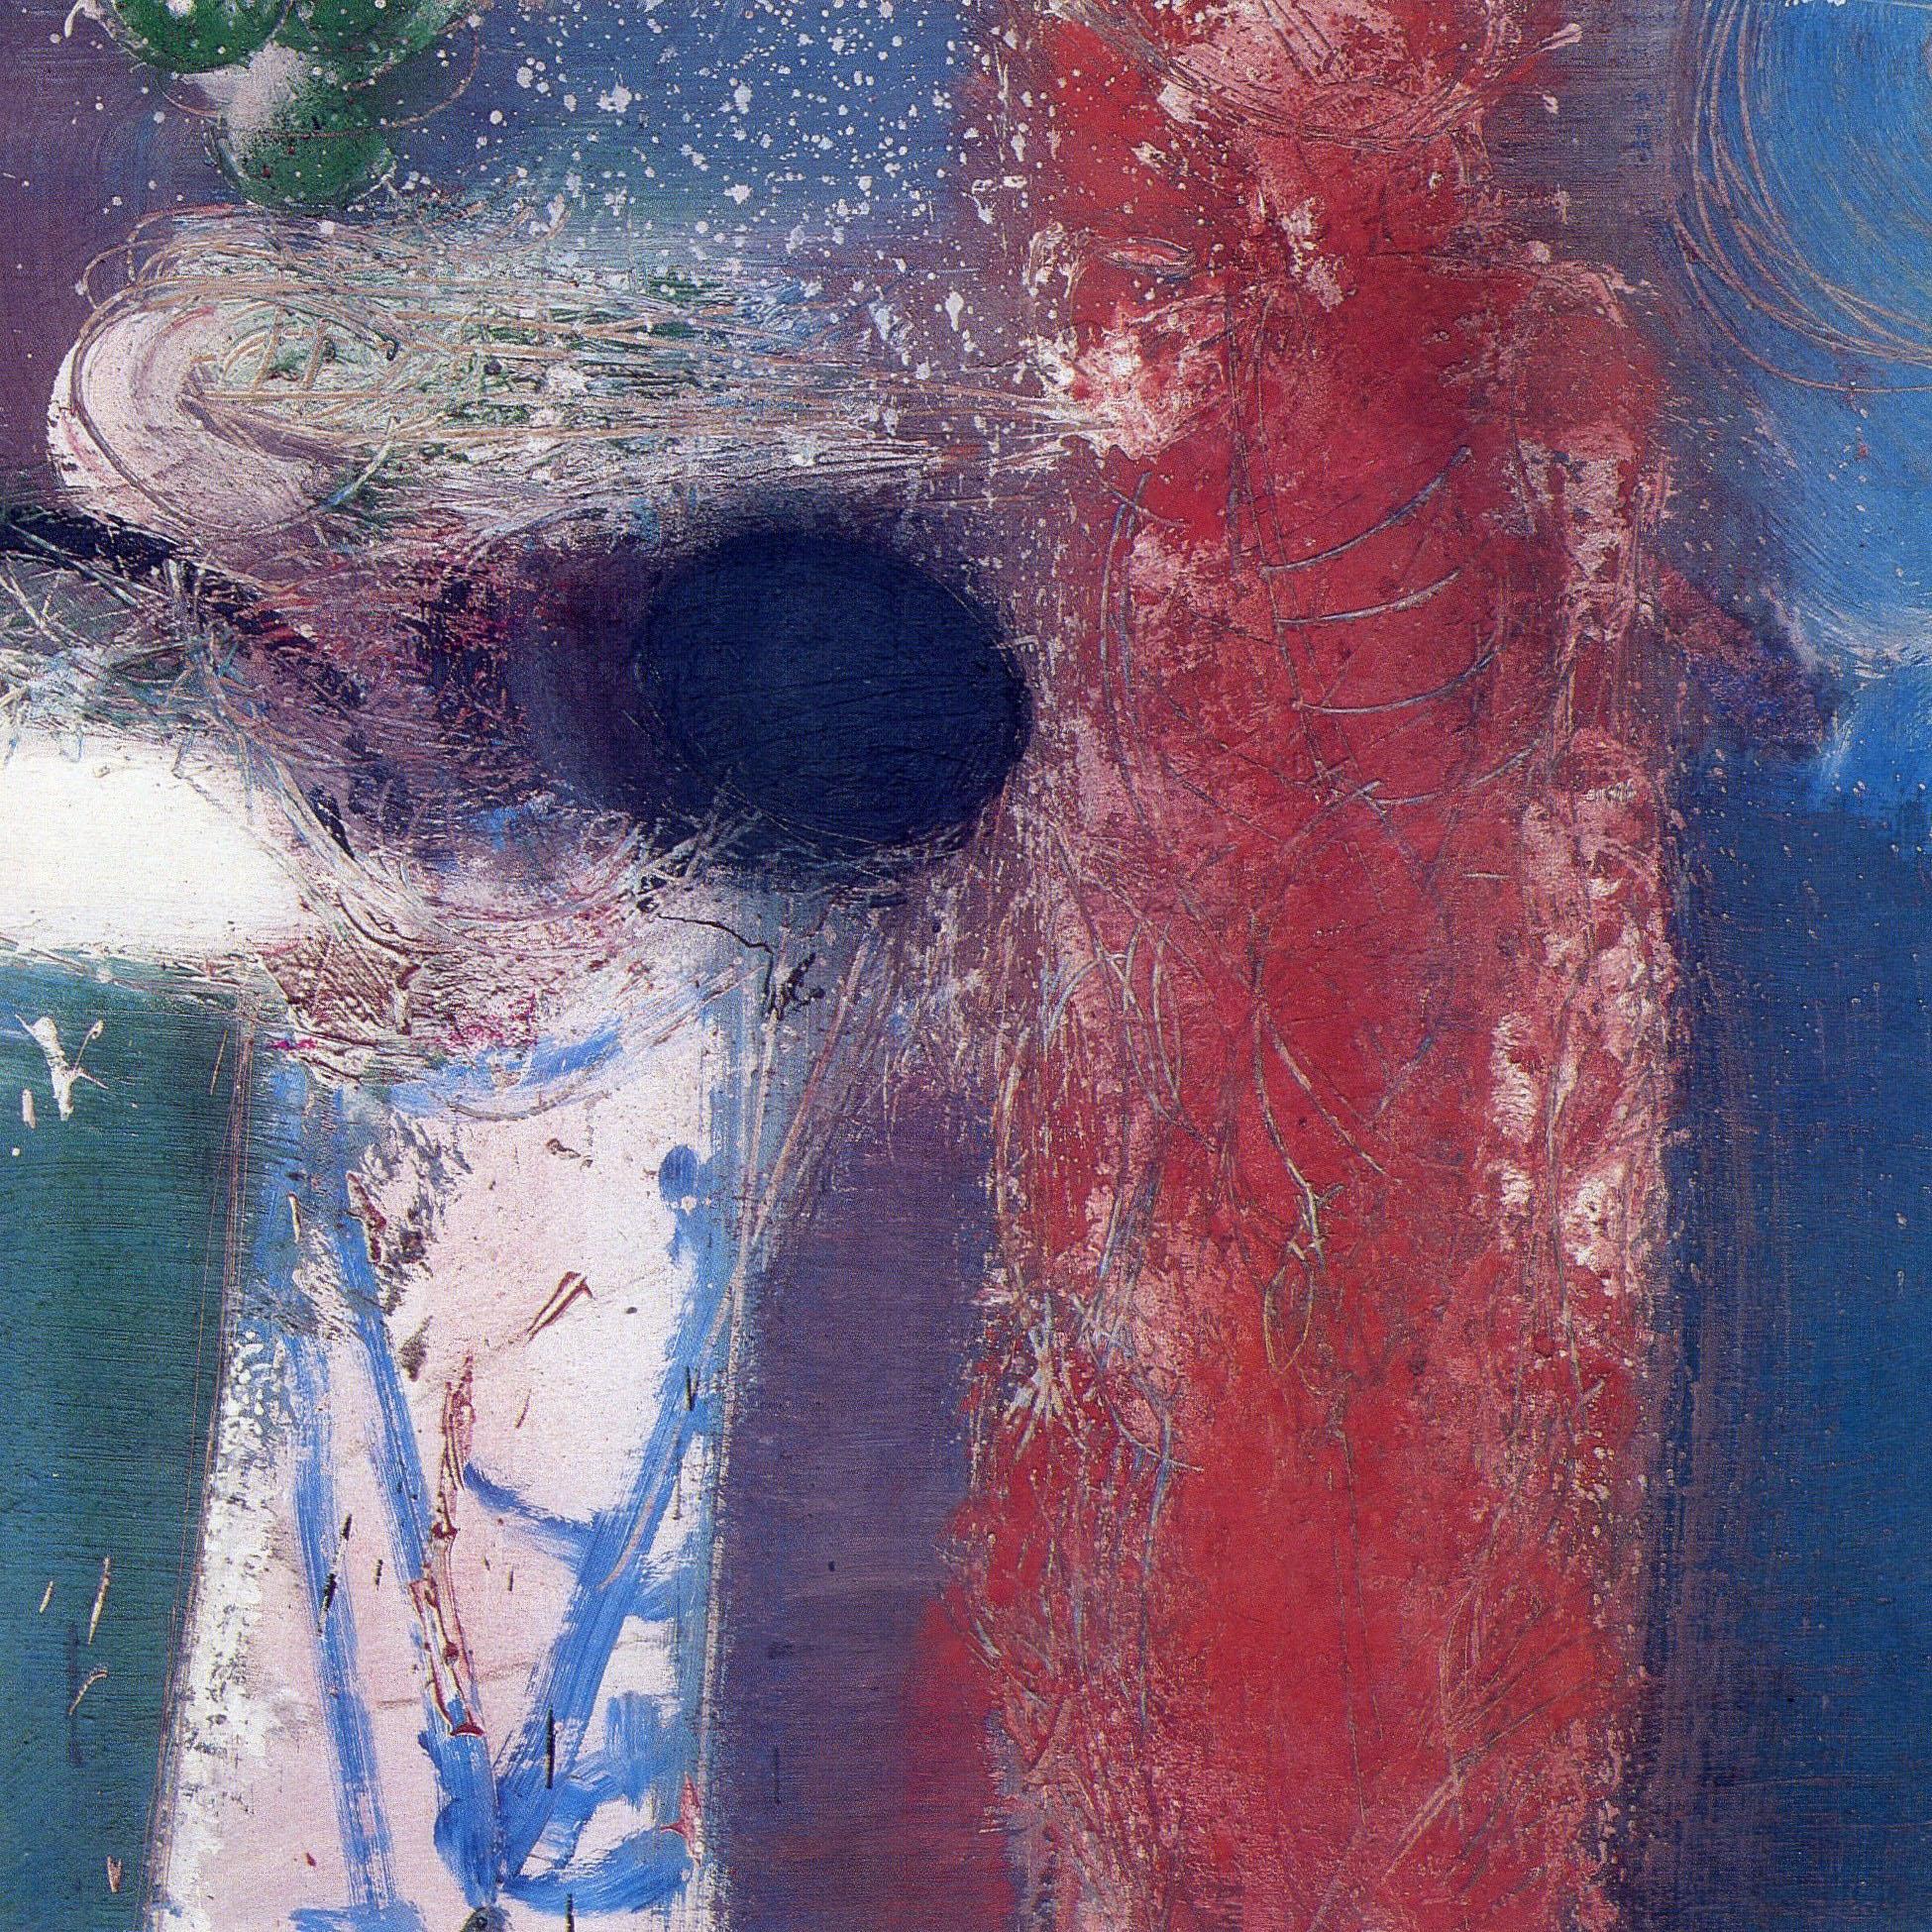 Domenico Spinosa - La spogliazione